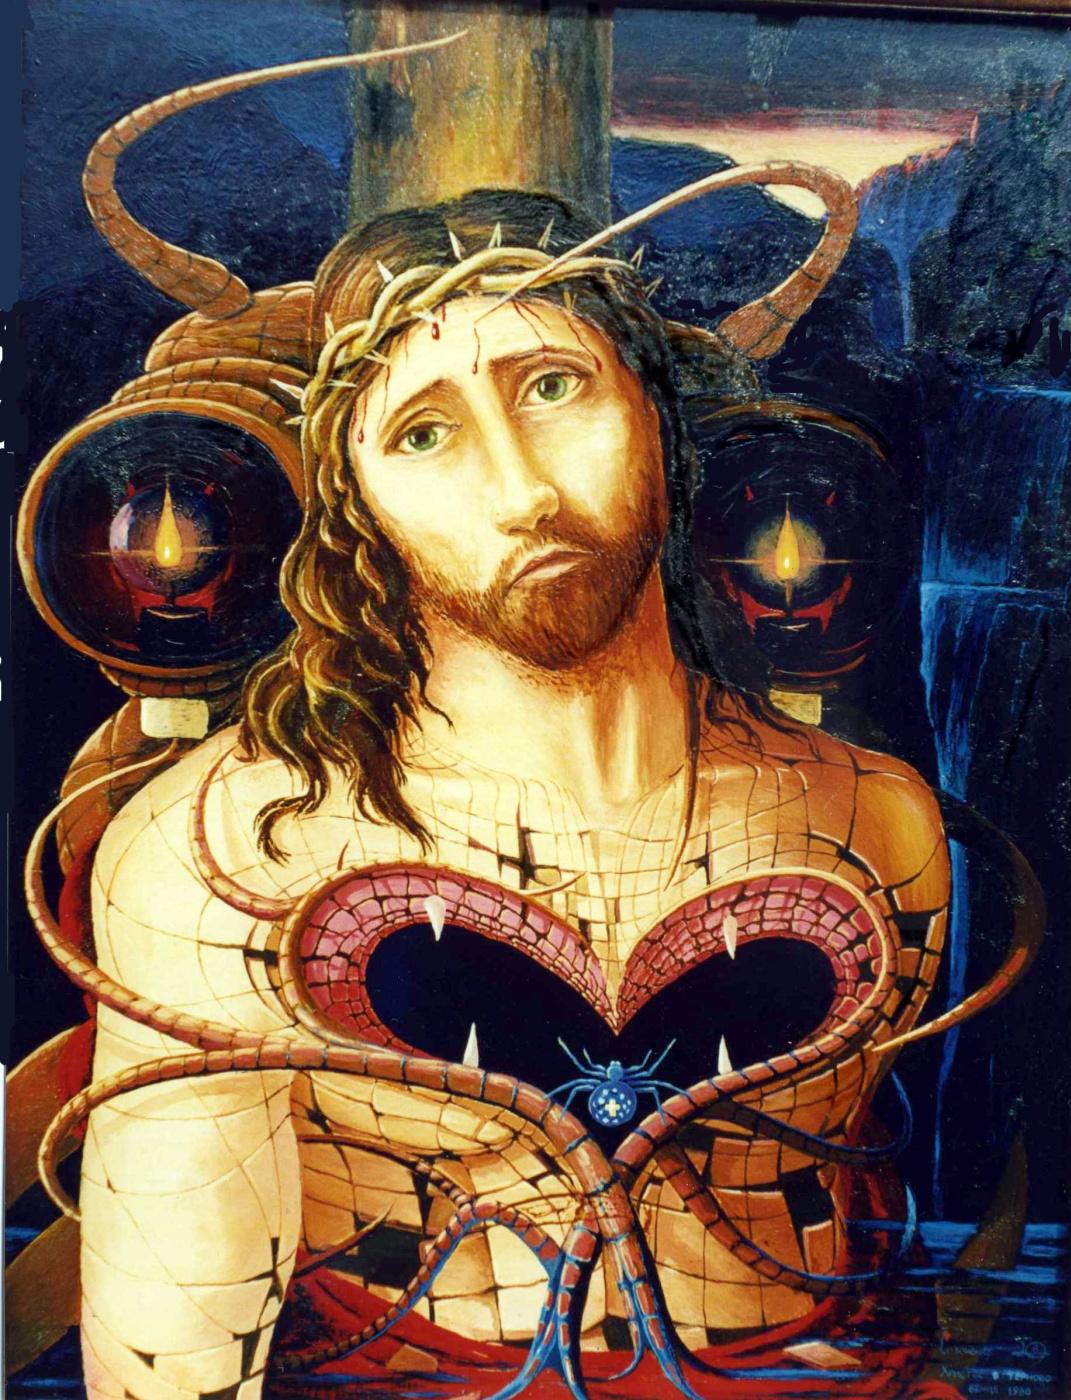 Юрий Владимирович Сизоненко. Christ in the crown of thorns.